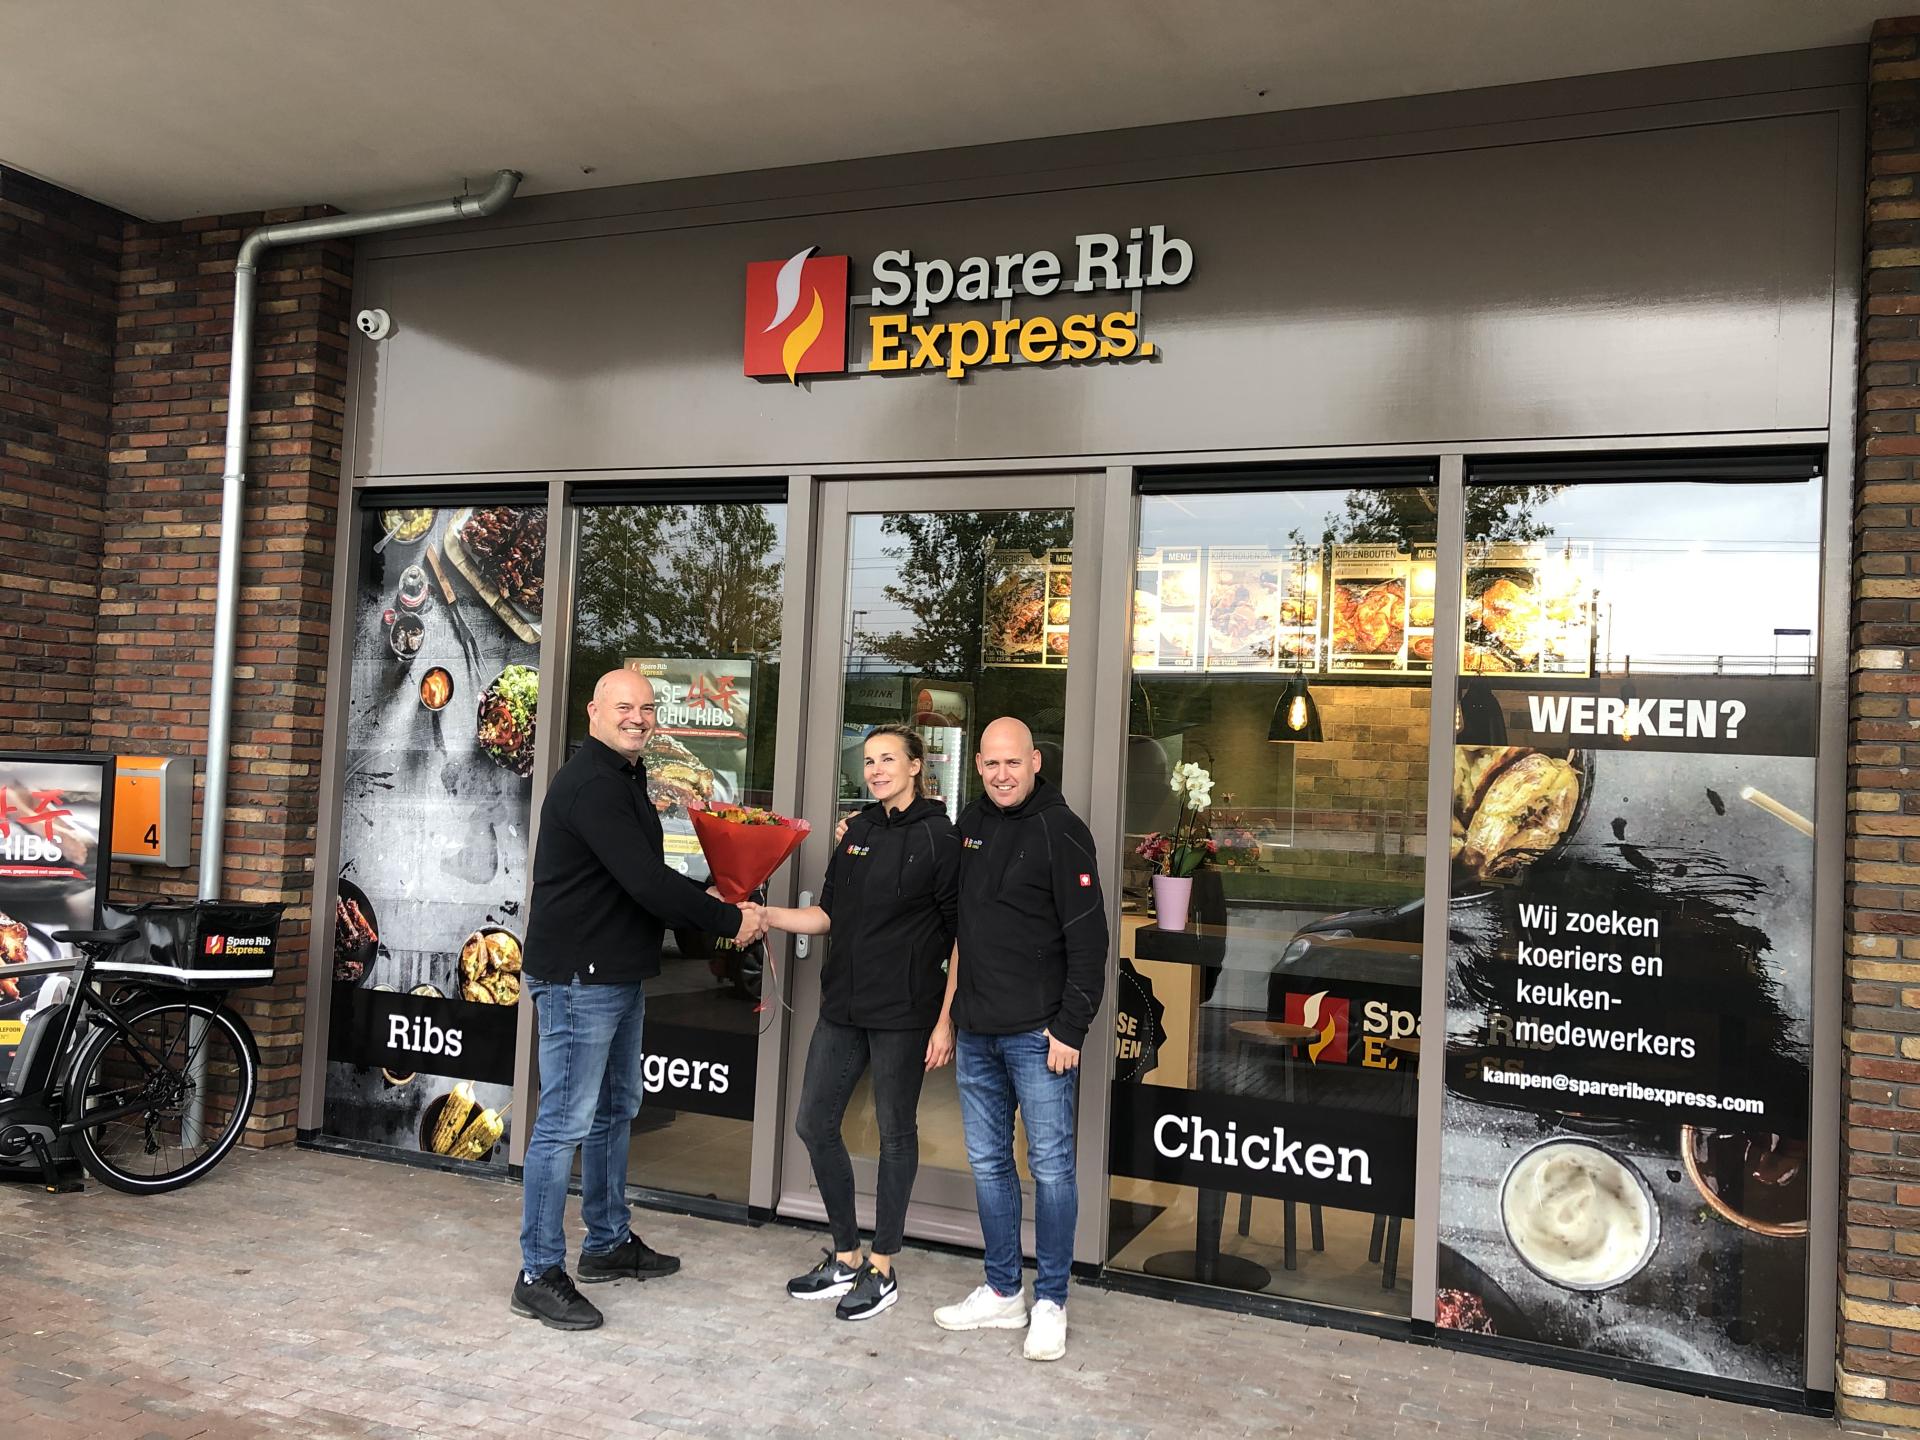 Spare Rib Express schenkt neuen Franchisepartnern 50.000 Euro